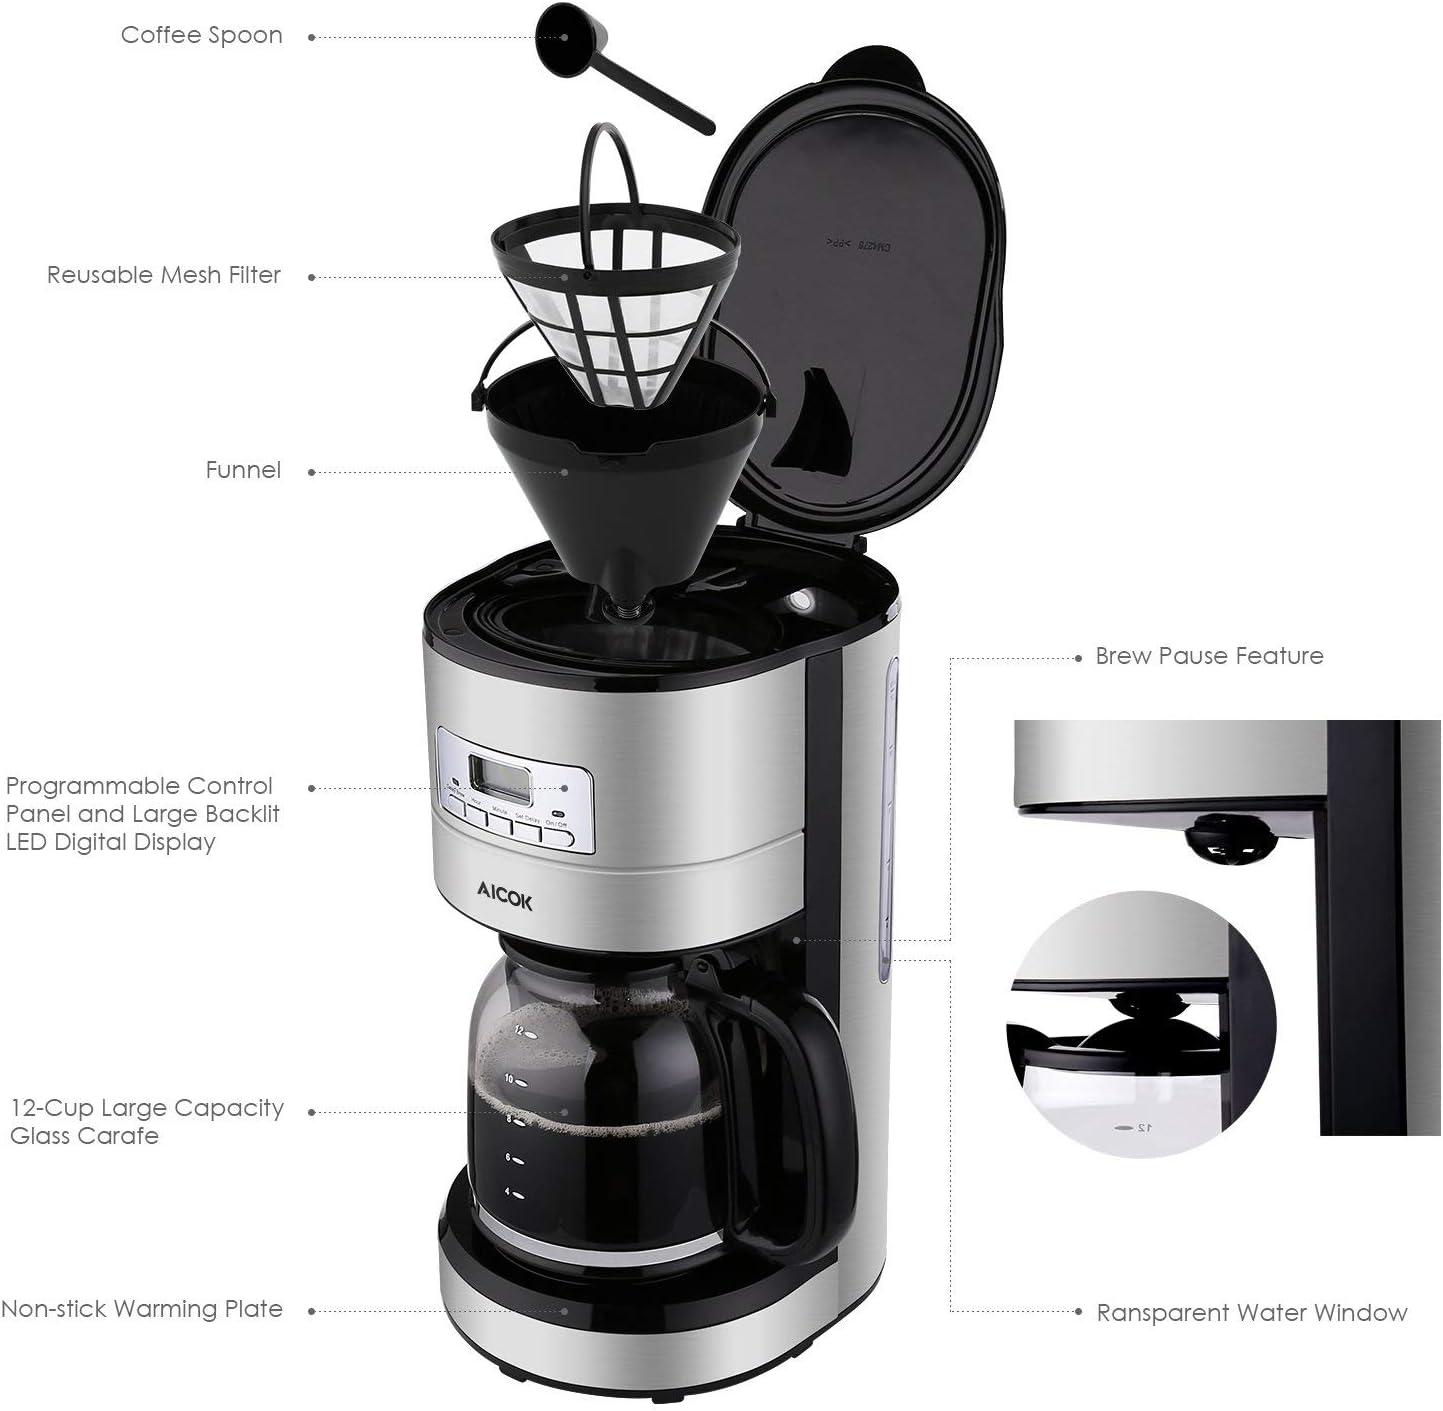 Amazon.com: Cafetera de goteo Aicok, cafetera de acero ...